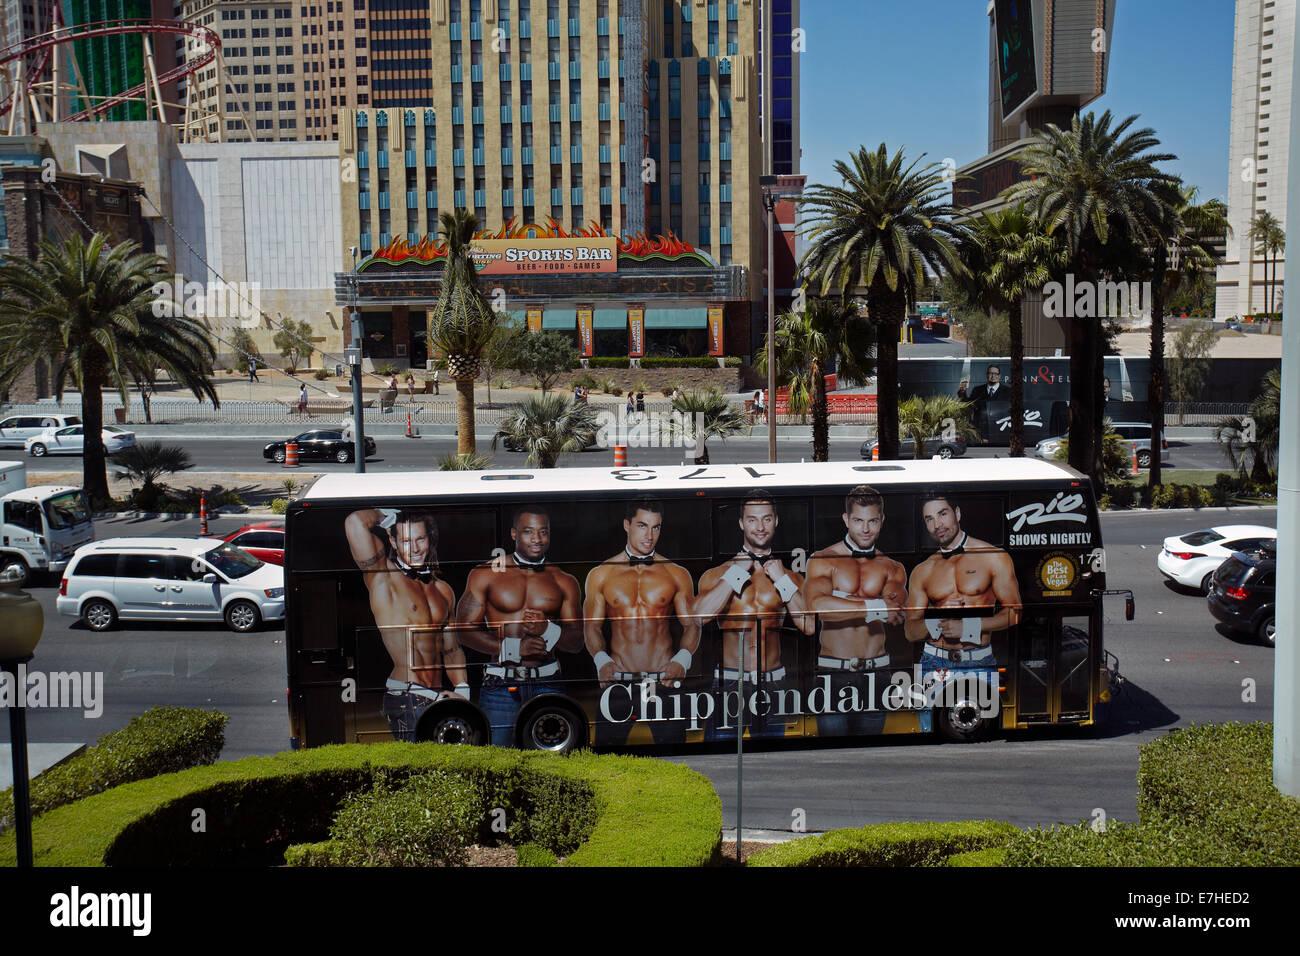 Bus advertising Chipendales, Las Vegas Boulevard (The Strip), Las Vegas, Nevada, USA - Stock Image